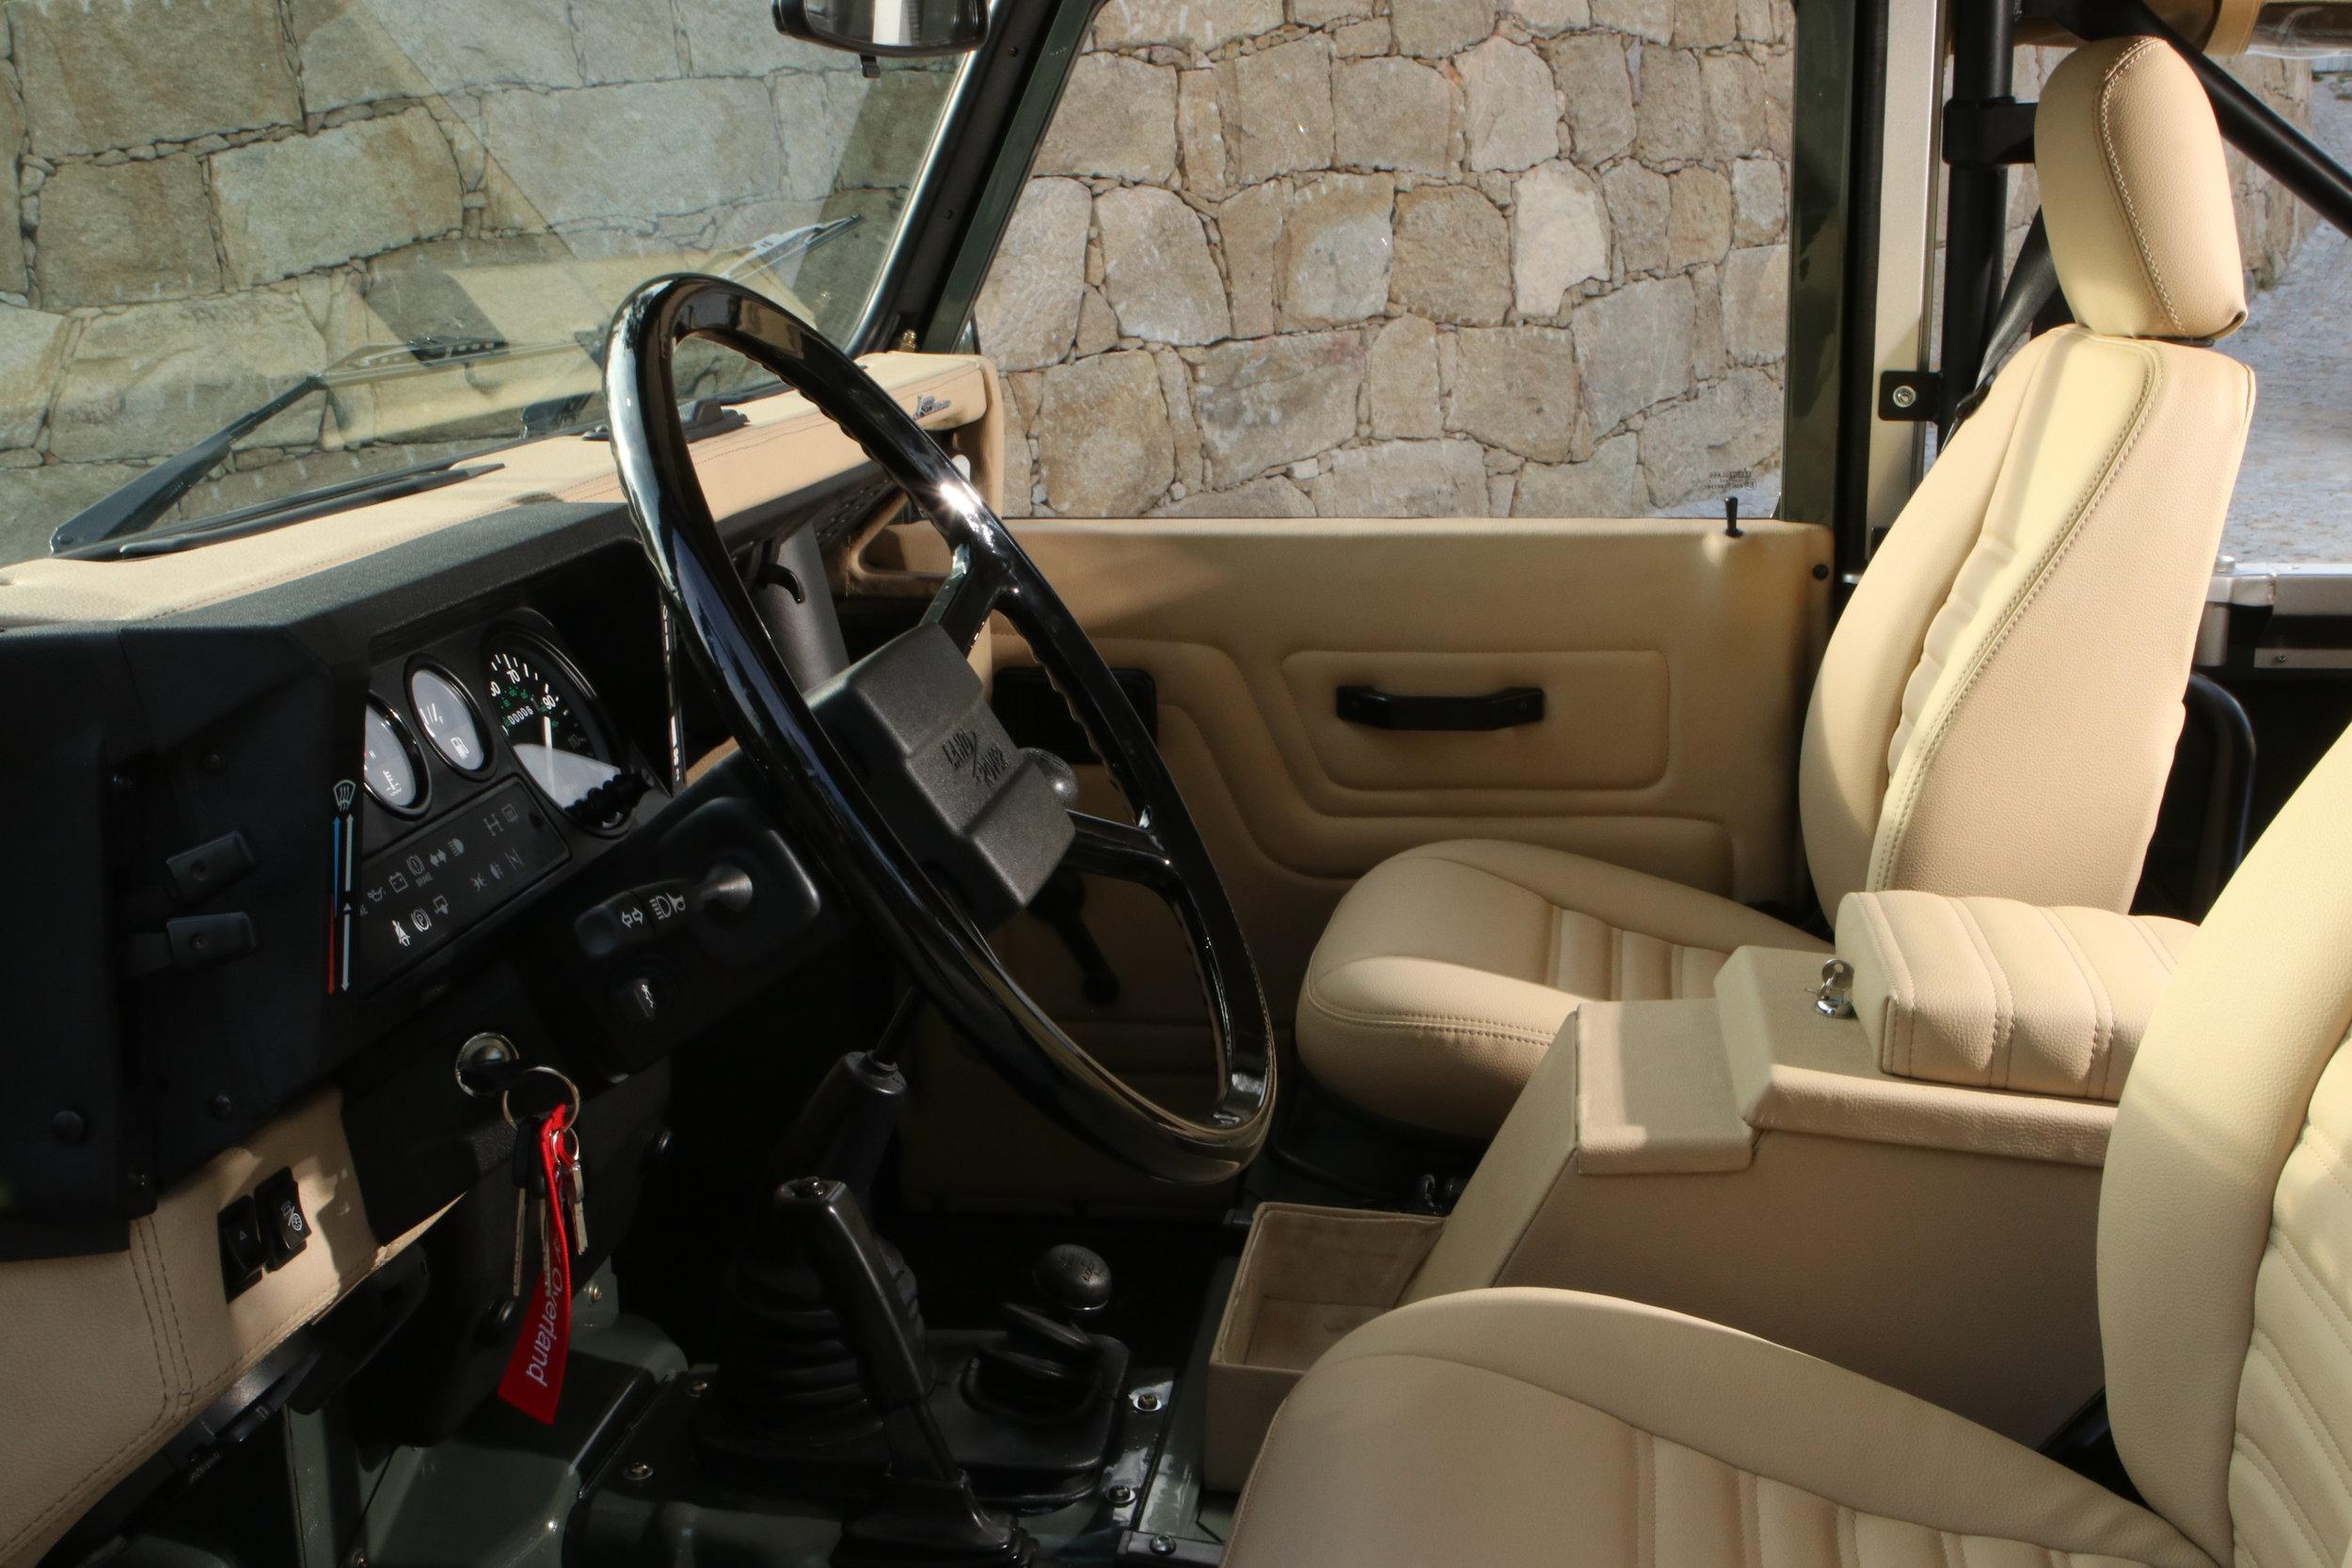 LegacyOverland_ProjKalahari_Defender90_car32.JPG